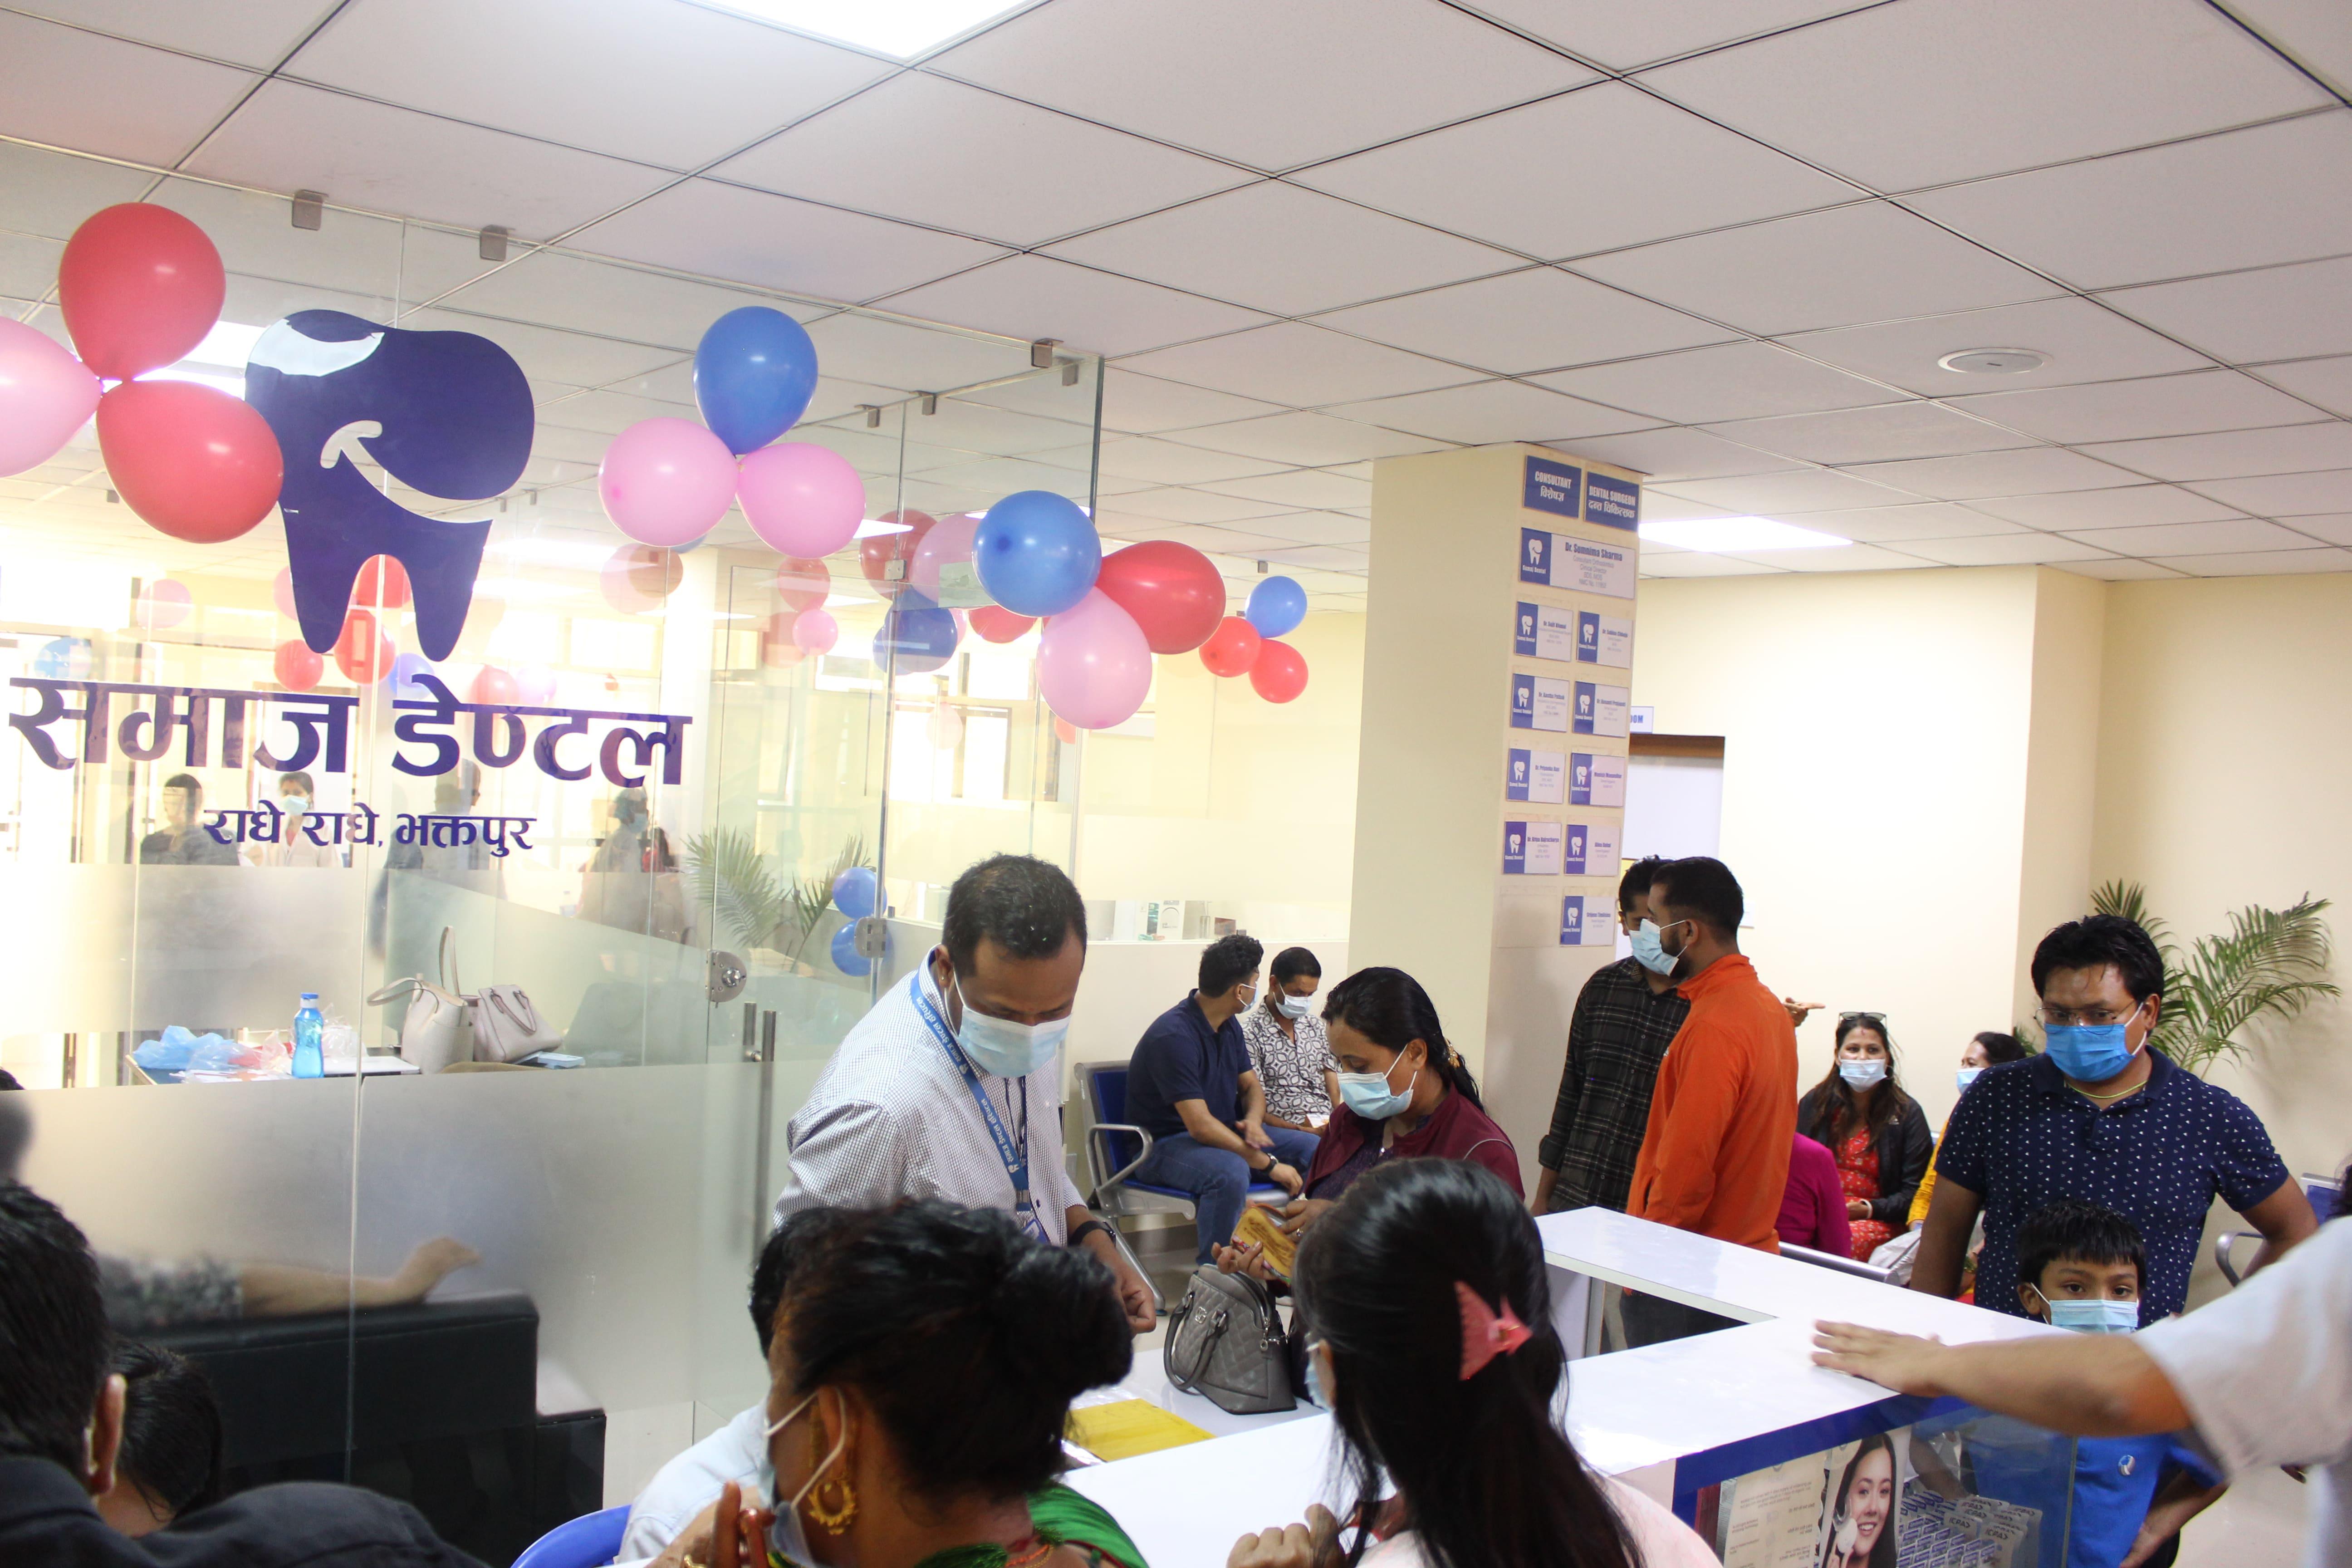 samaj dental opens at radhe radhe bhaktapur